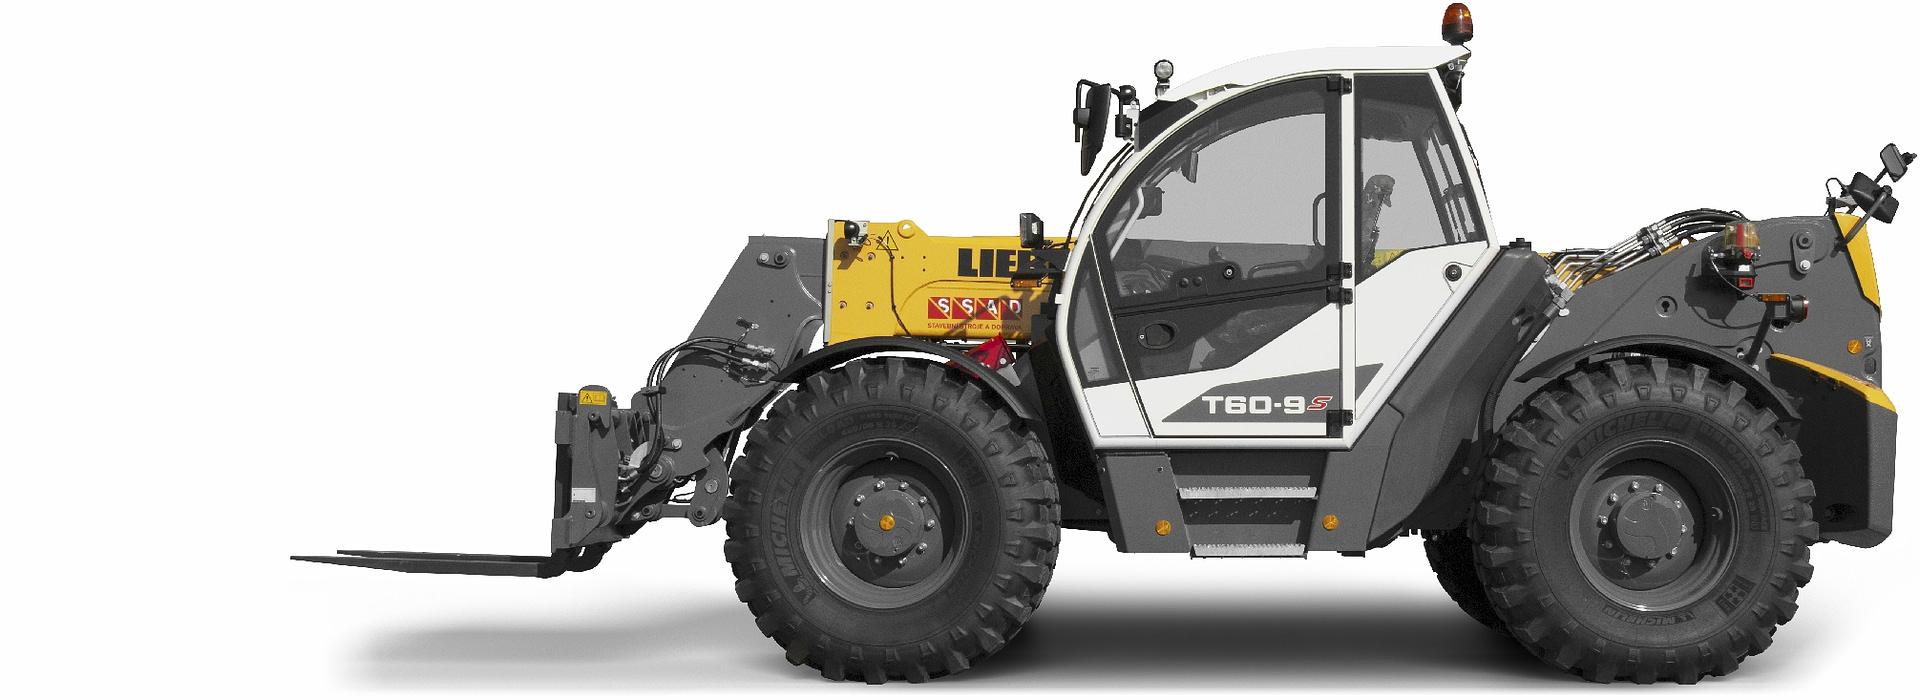 LIEBHERR T60-9S